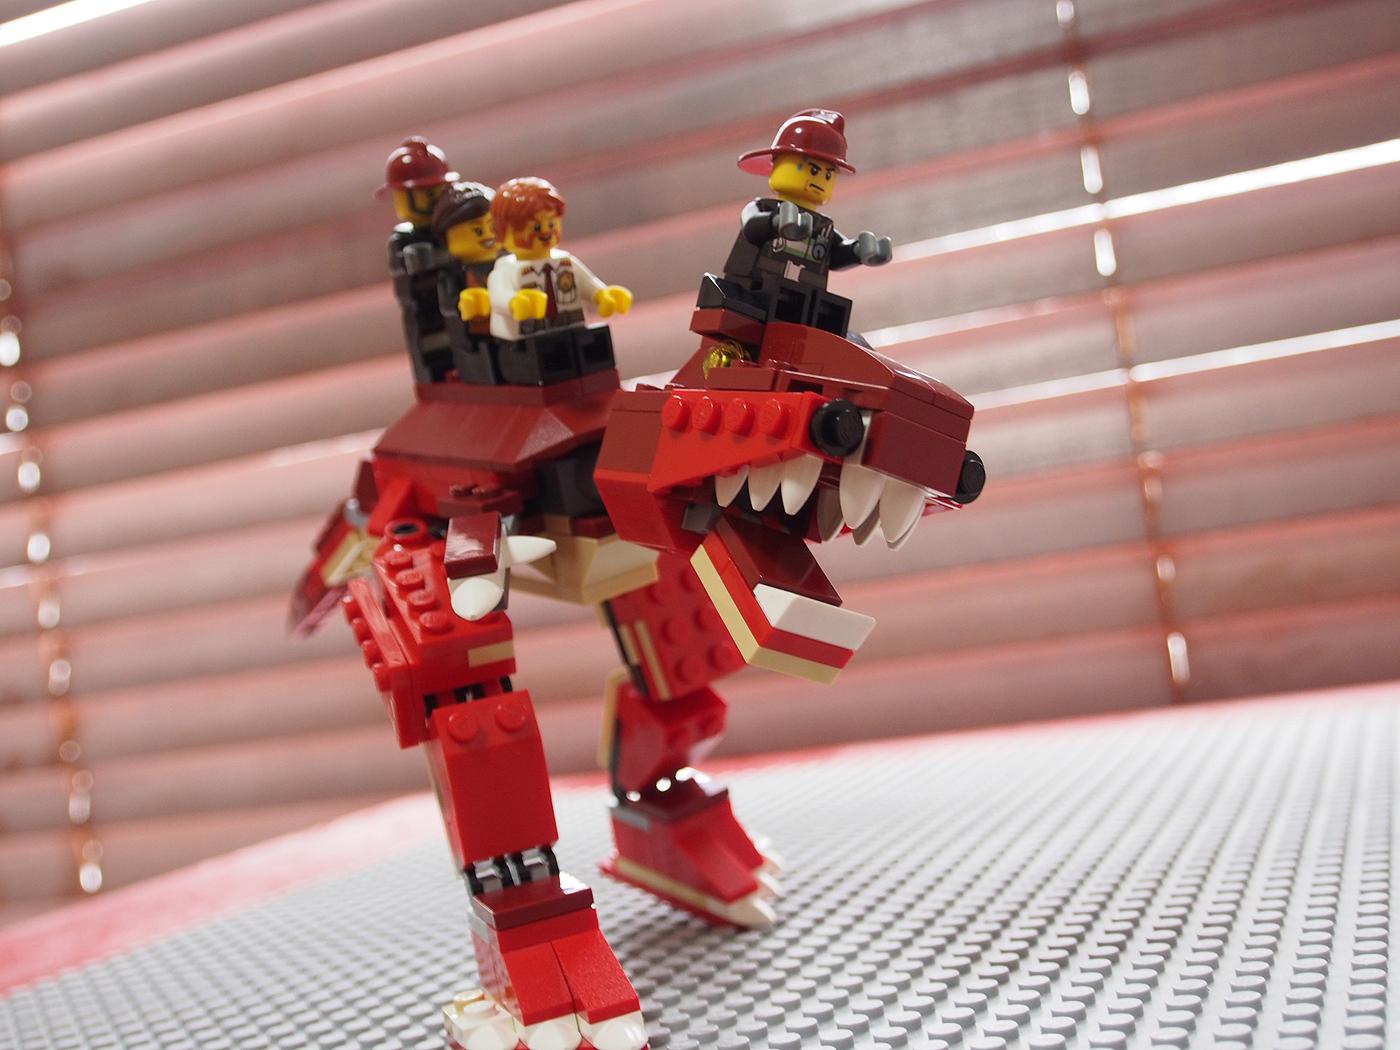 ティラノに乗った3人、レゴ